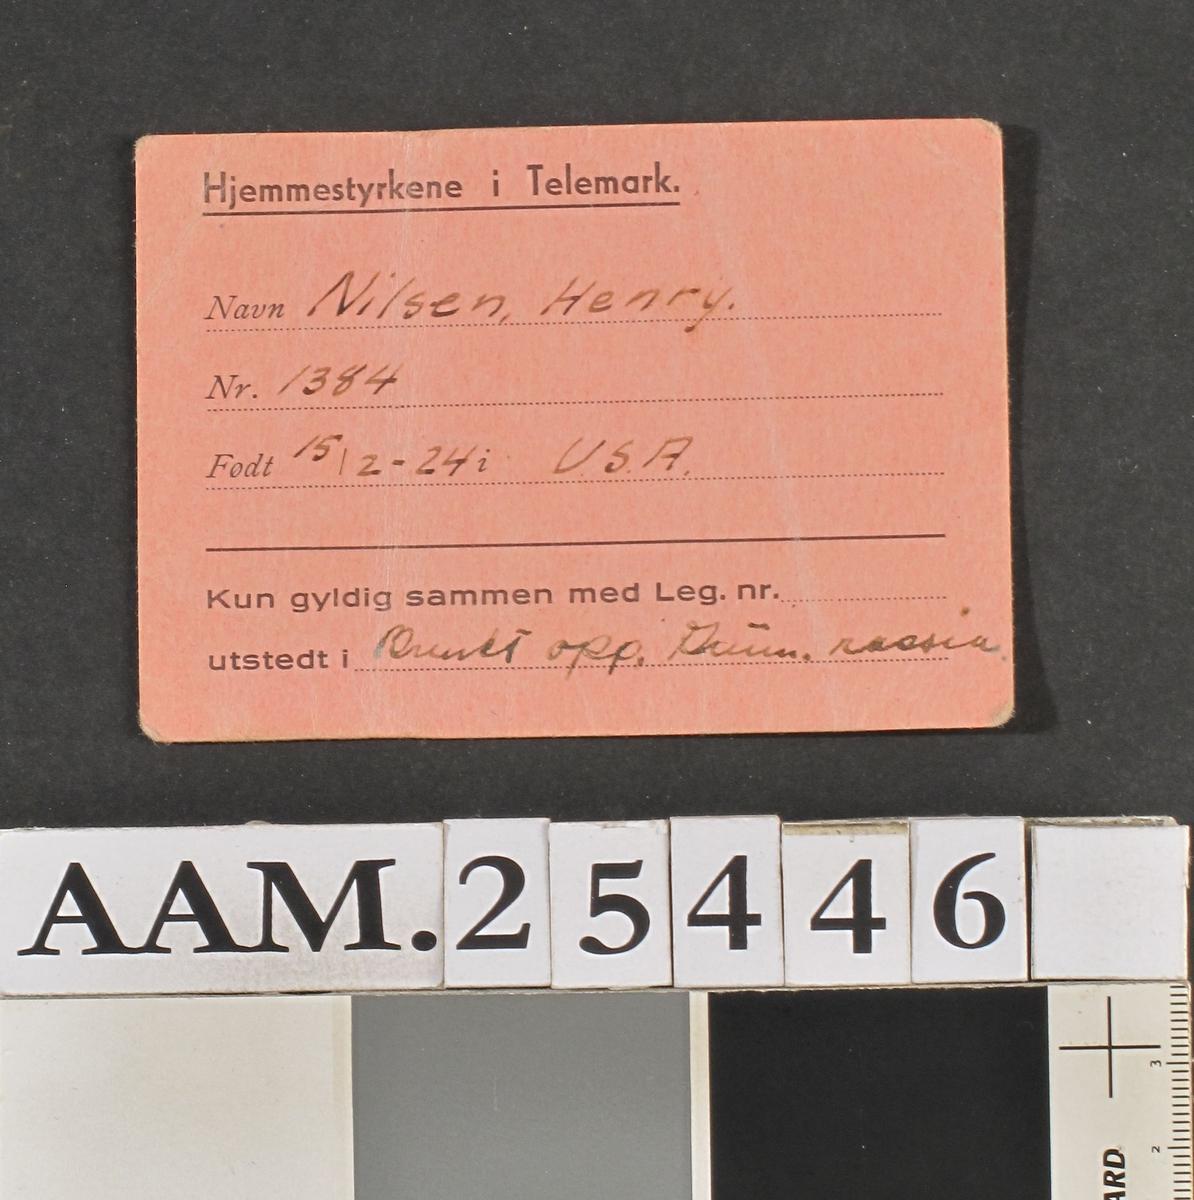 Rektangulært kort med trykt skjema tekst og håndskrift.